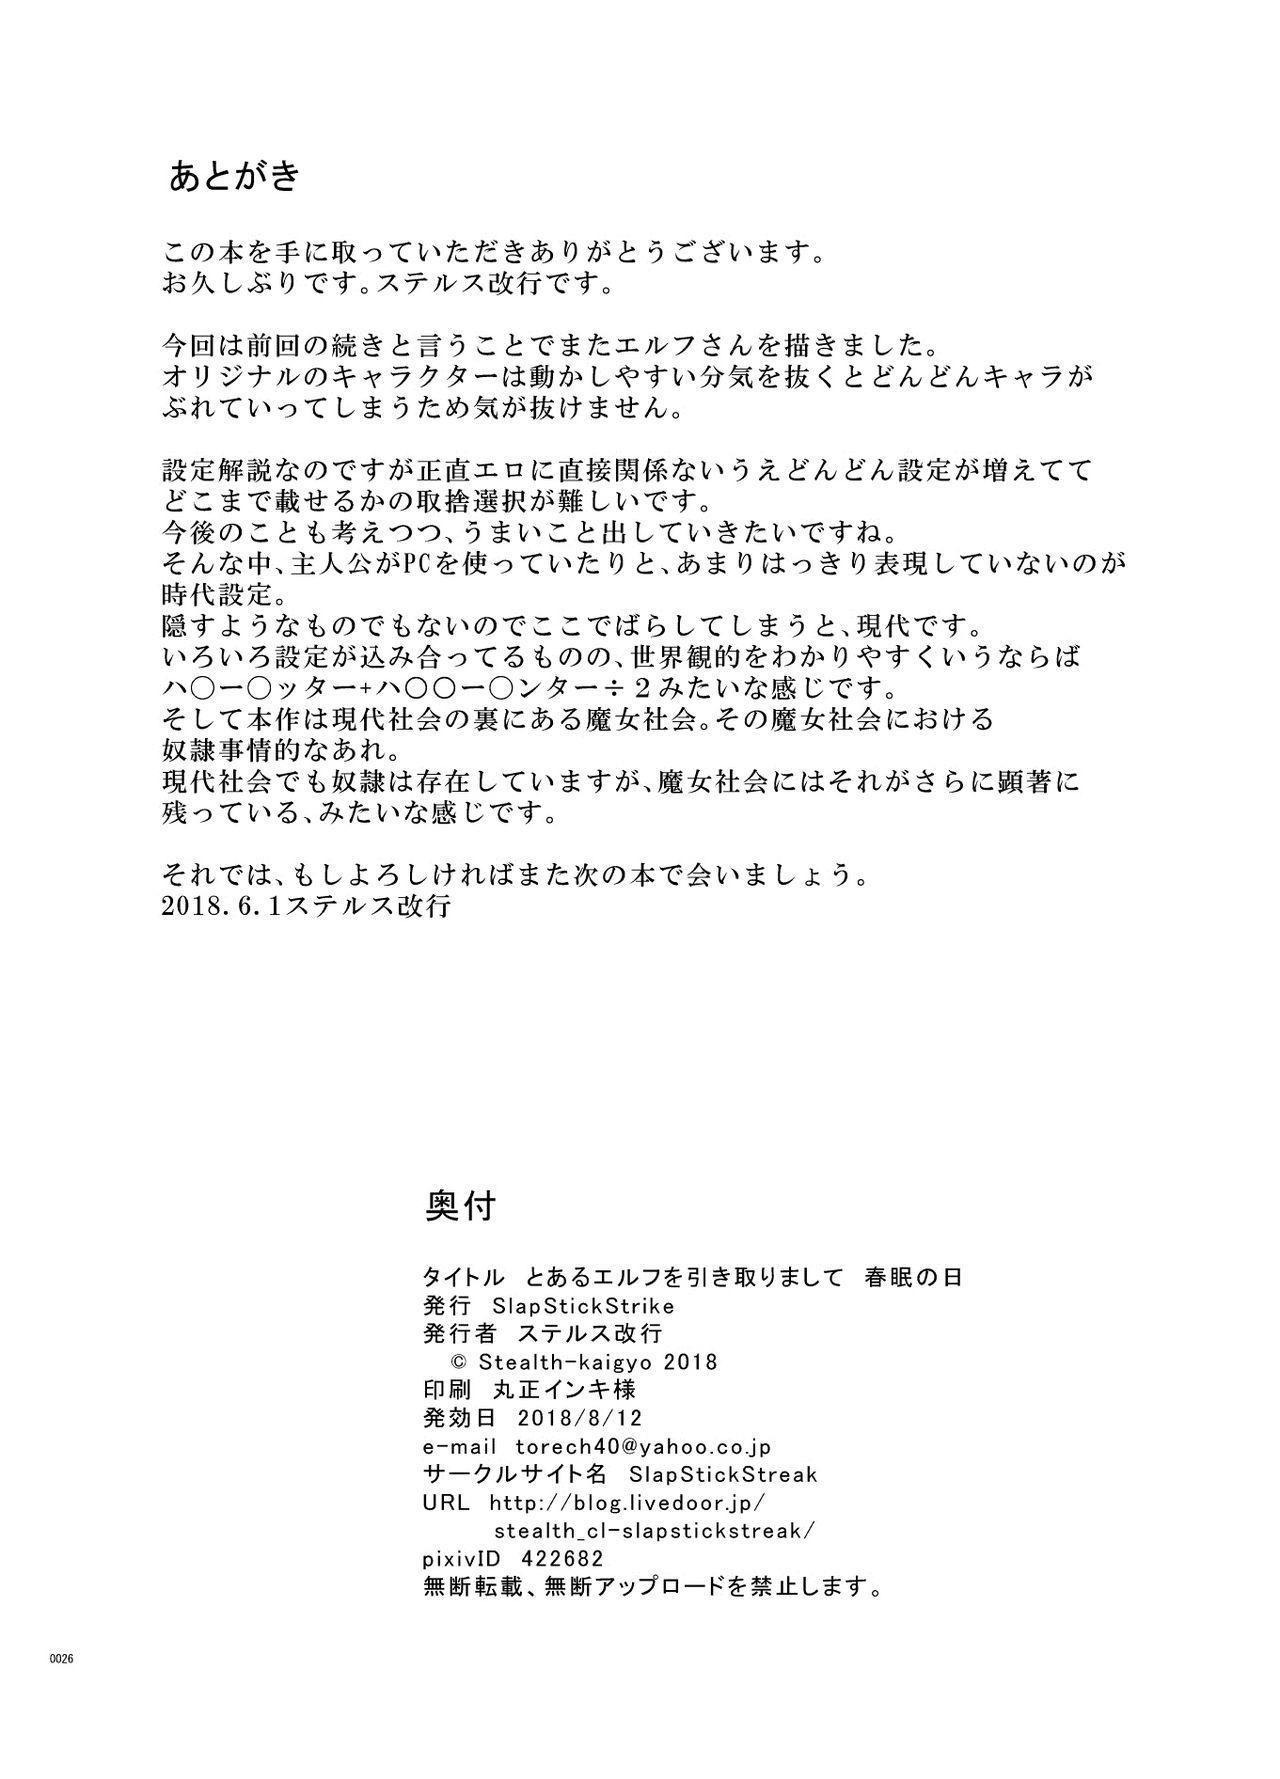 Toaru Elf o Hikitorimashite Shunmin no Hi 24